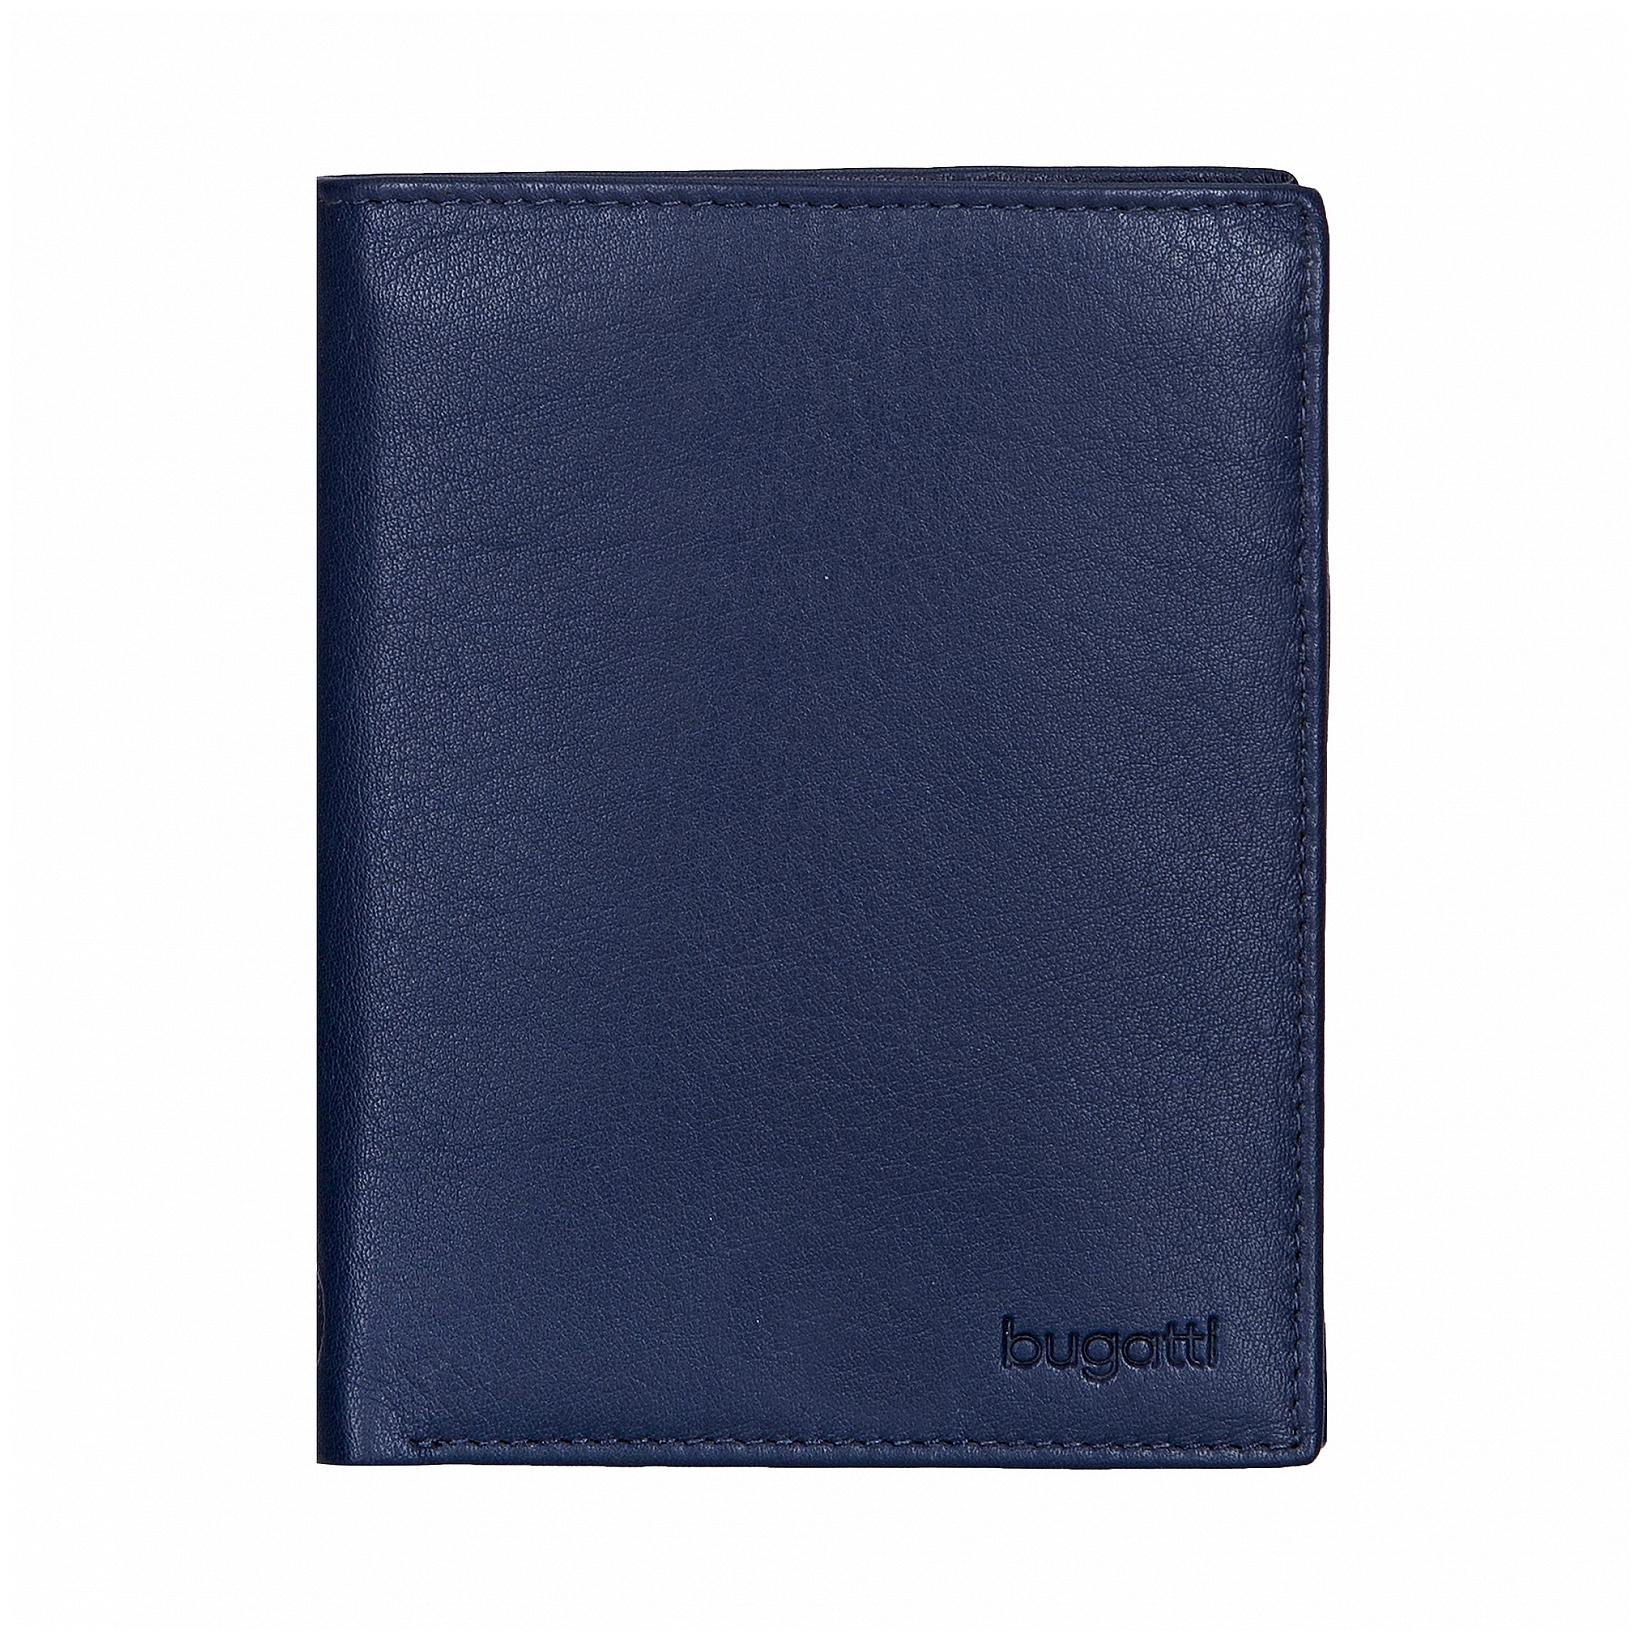 Bugatti Pánská kožená peněženka SEMPRE 49117605 modrá